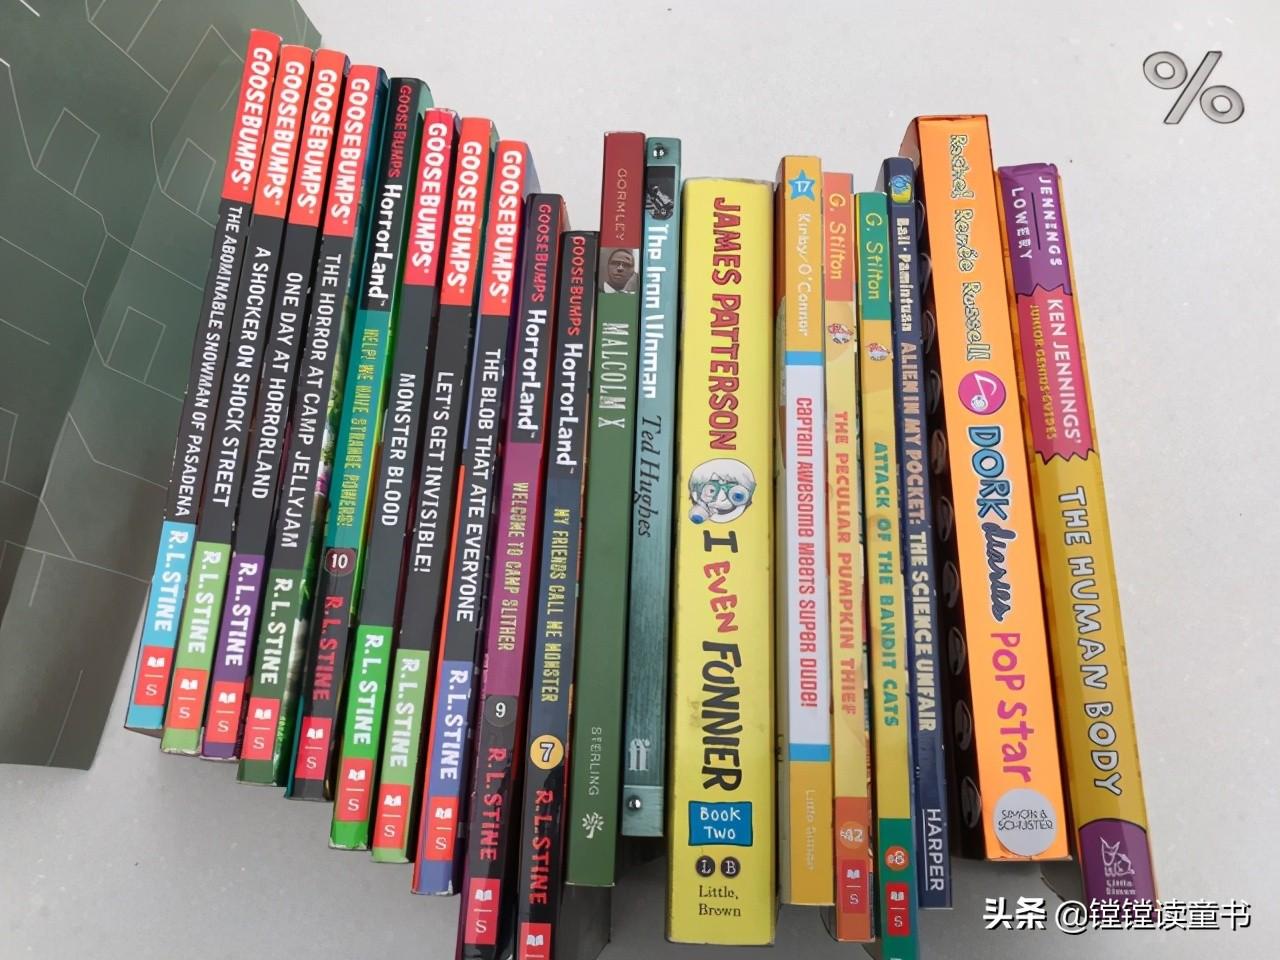 二年级男生,中文书推荐